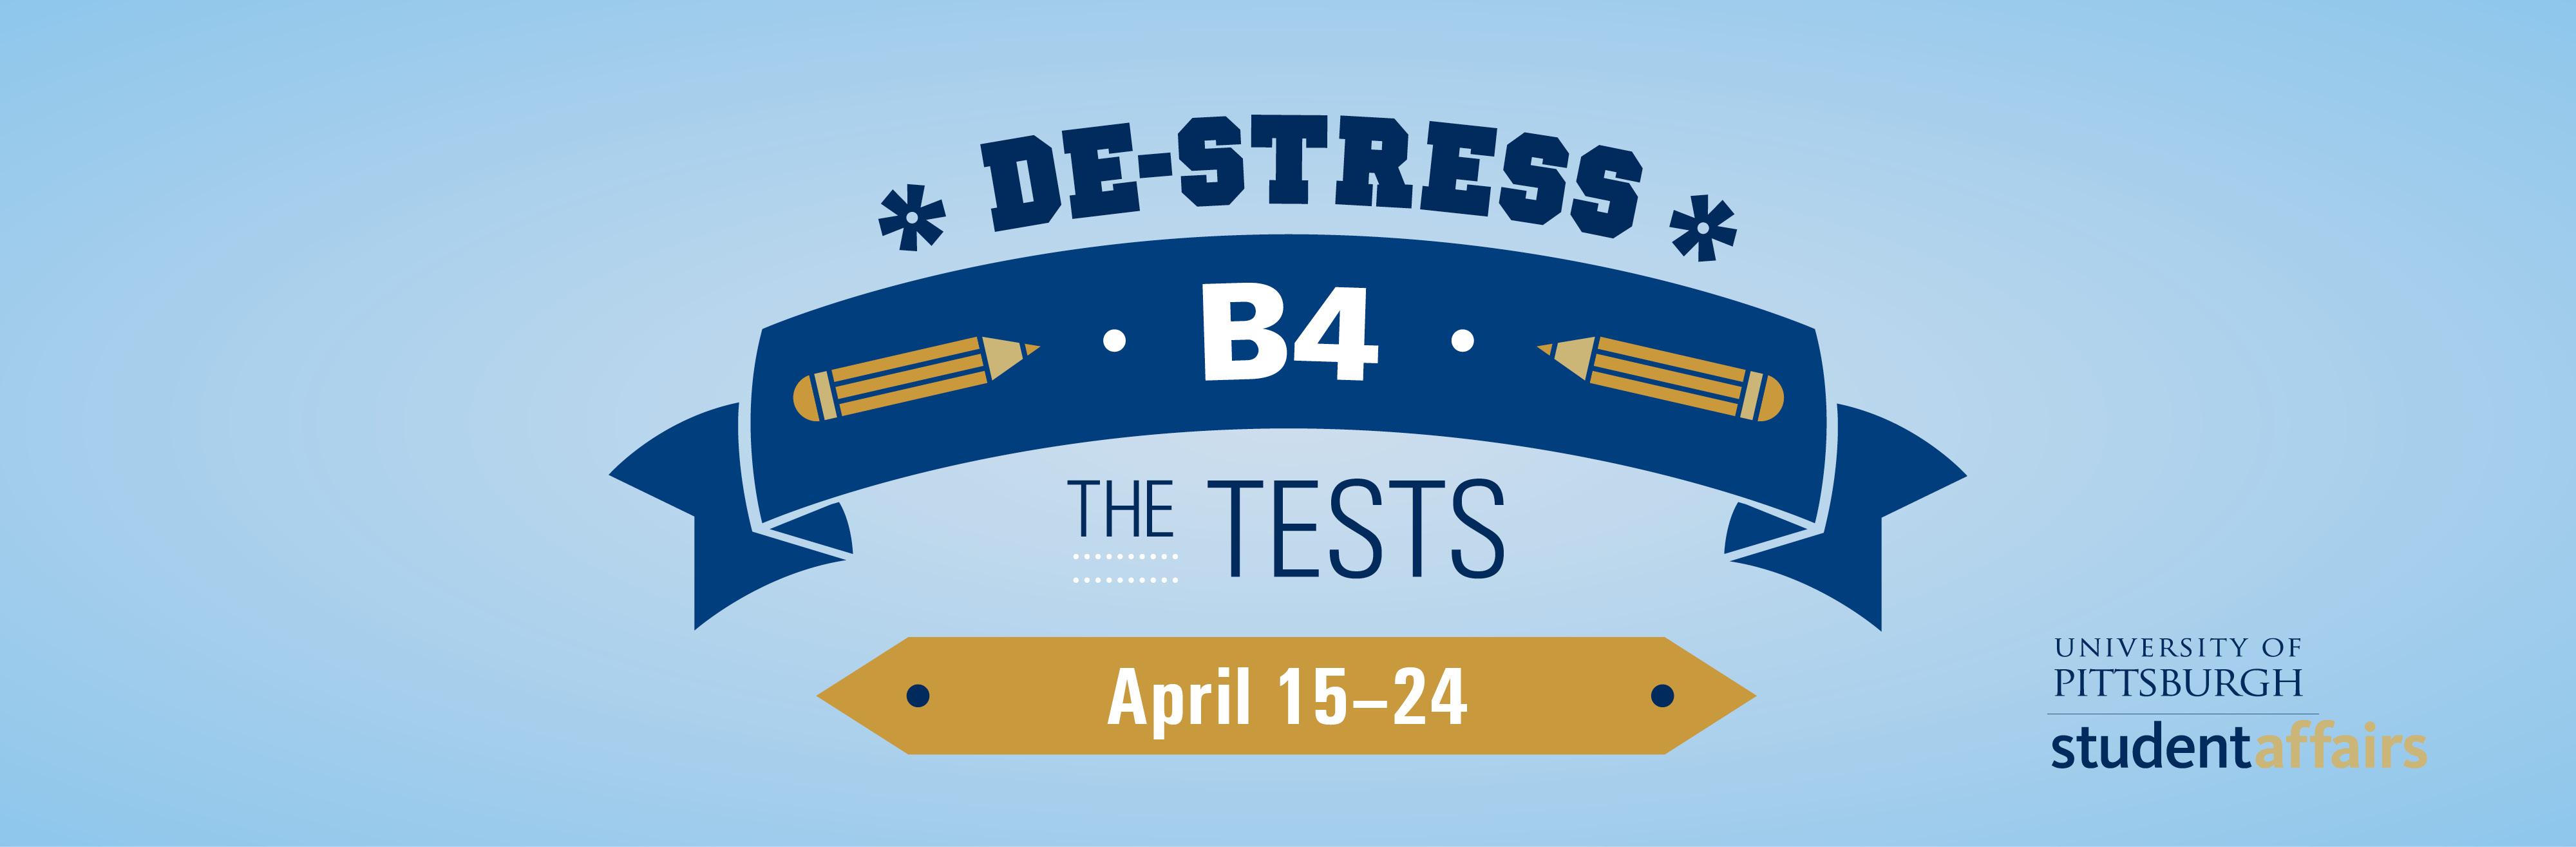 DeStress-April2019_slide